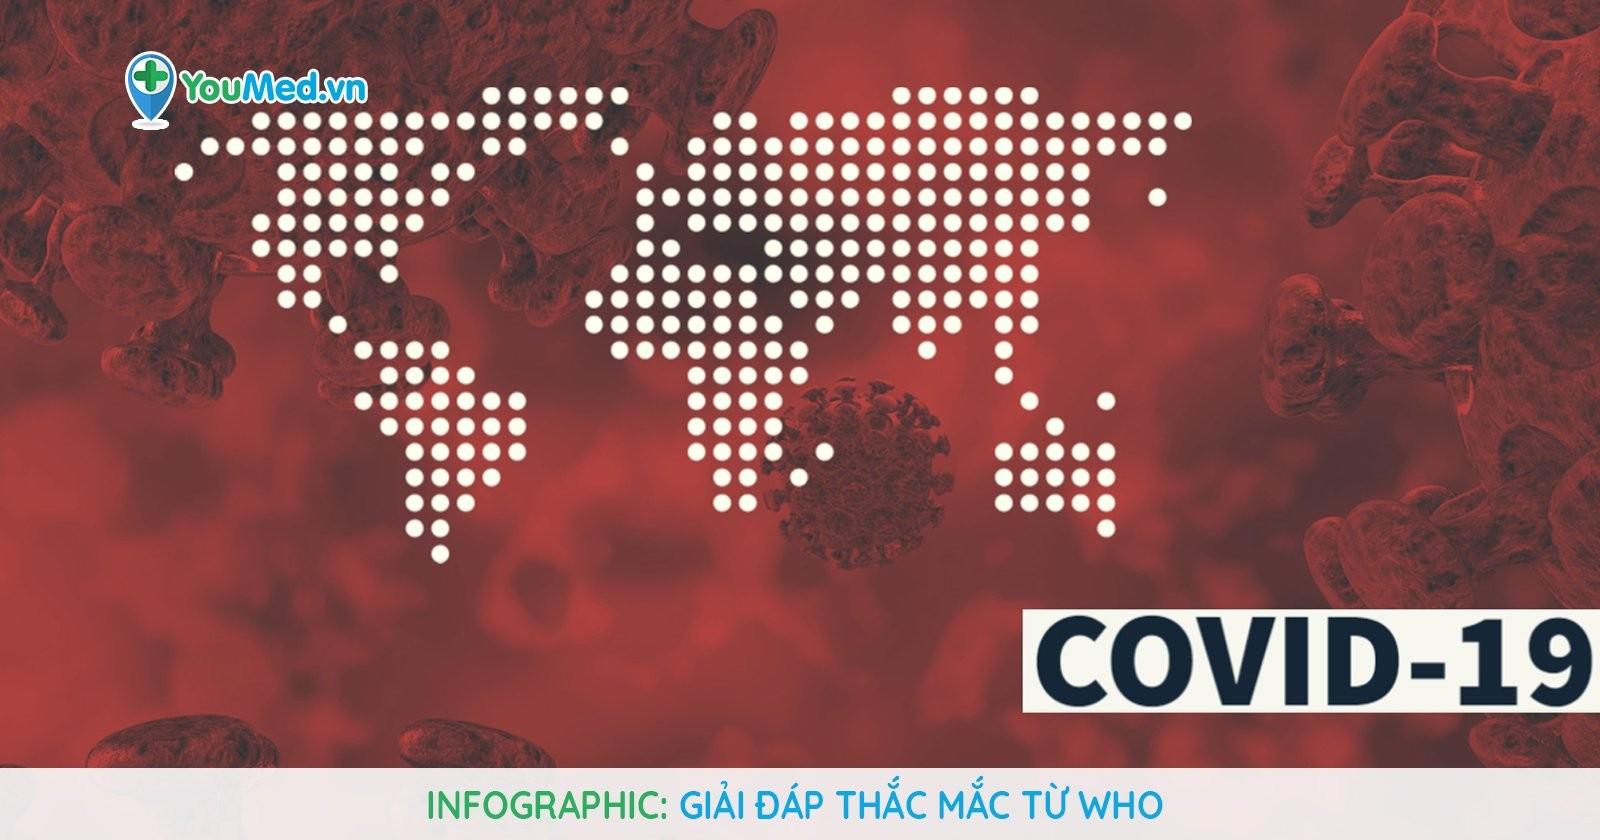 Infographic : Giải đáp thắc mắc Covid-19 từ WHO